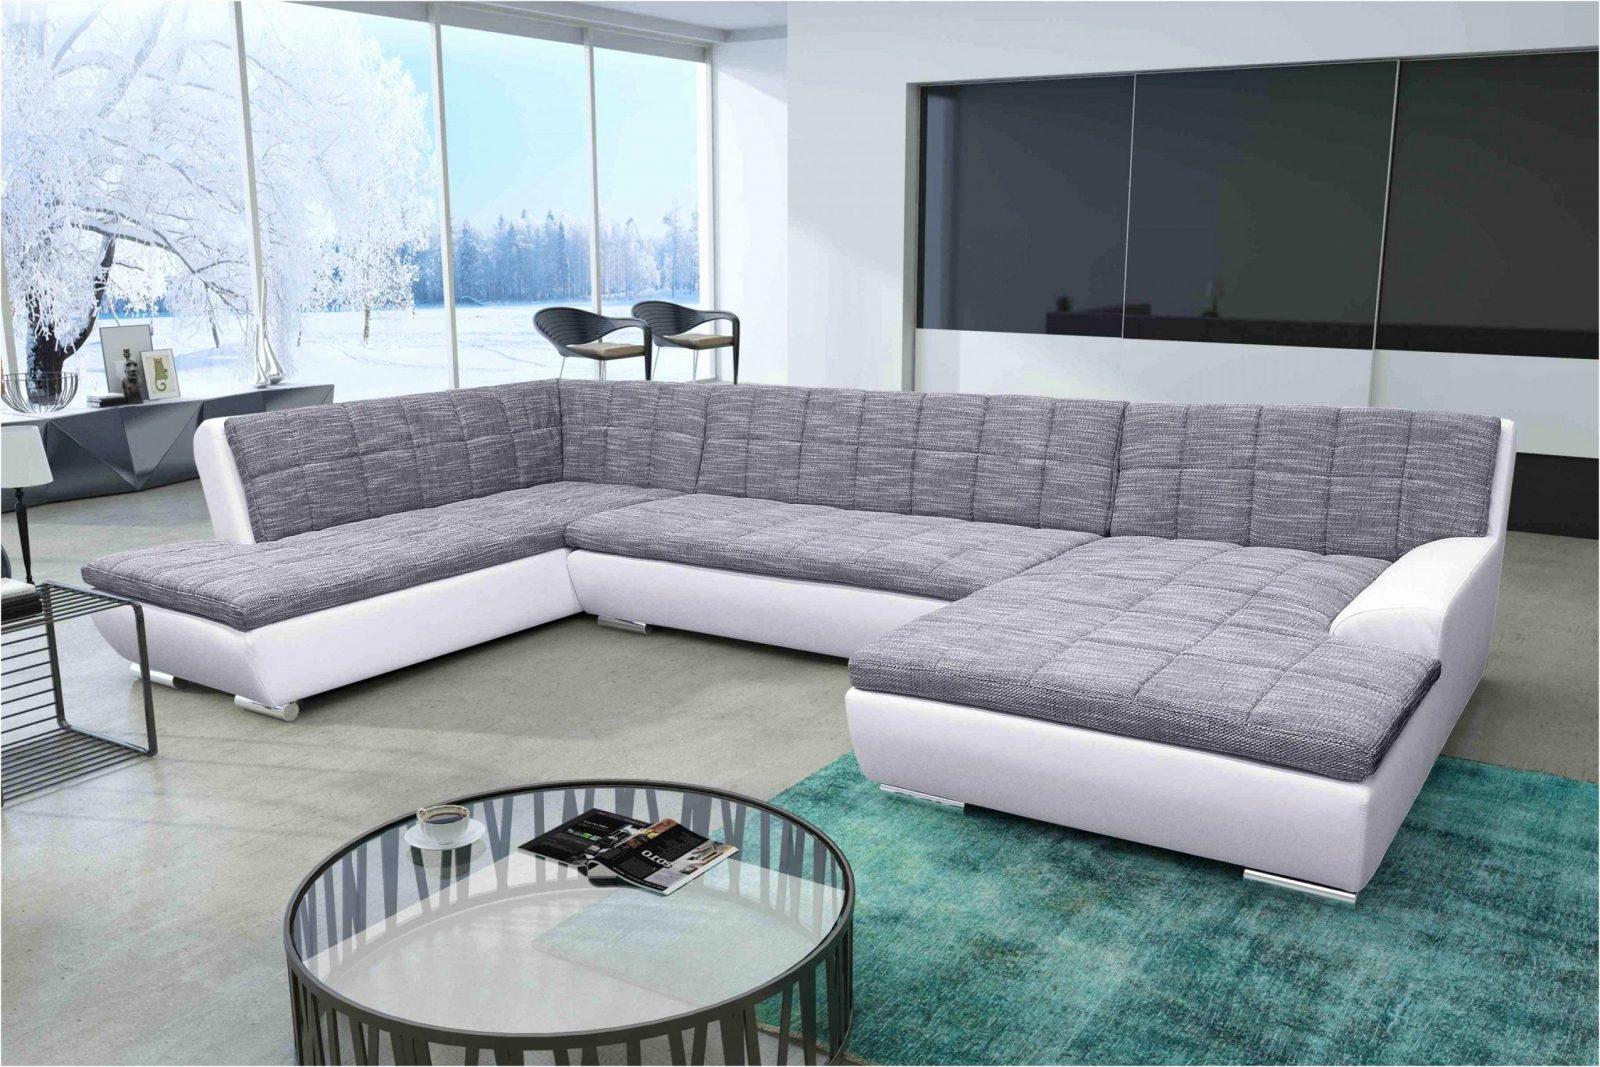 Sofa Ideen Fesselnd U Form Sofa Gunstig Erstaunlich U Form Sofa Von